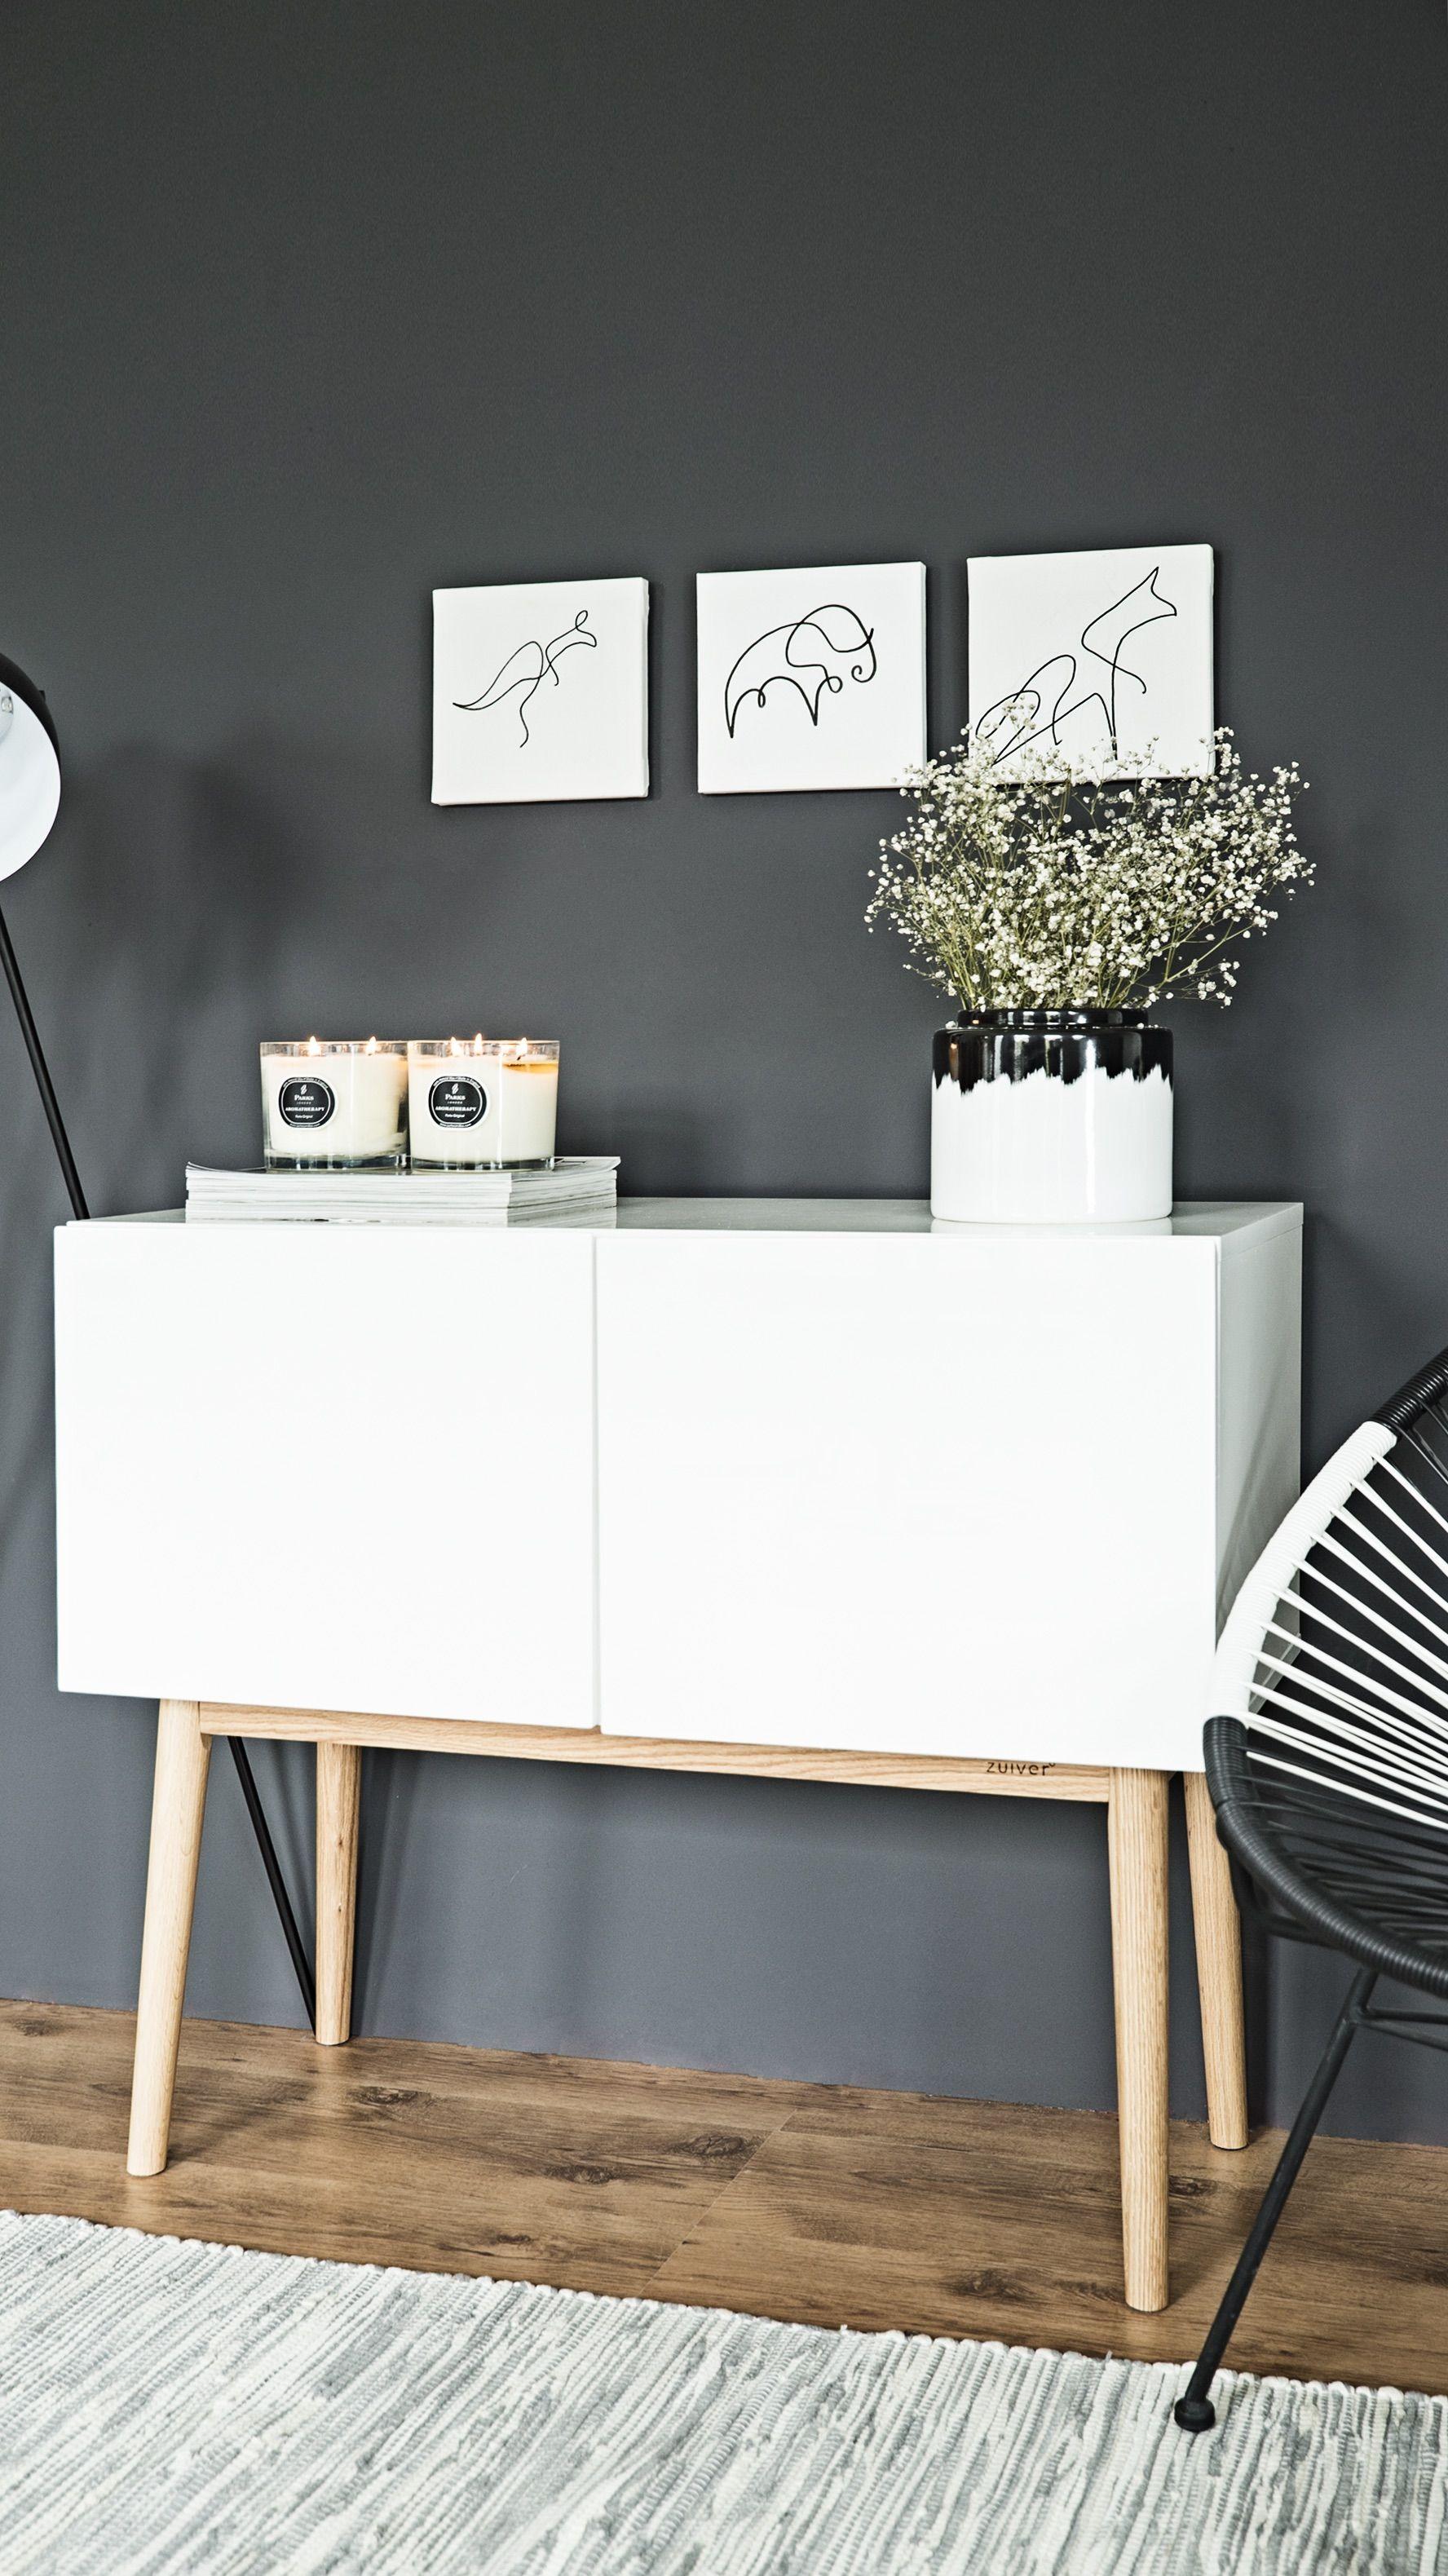 Die Kleine Kommode Von Zuiver Verspricht Stauraum Und Style. Mit Seinem  Cleanen Look In Weiß